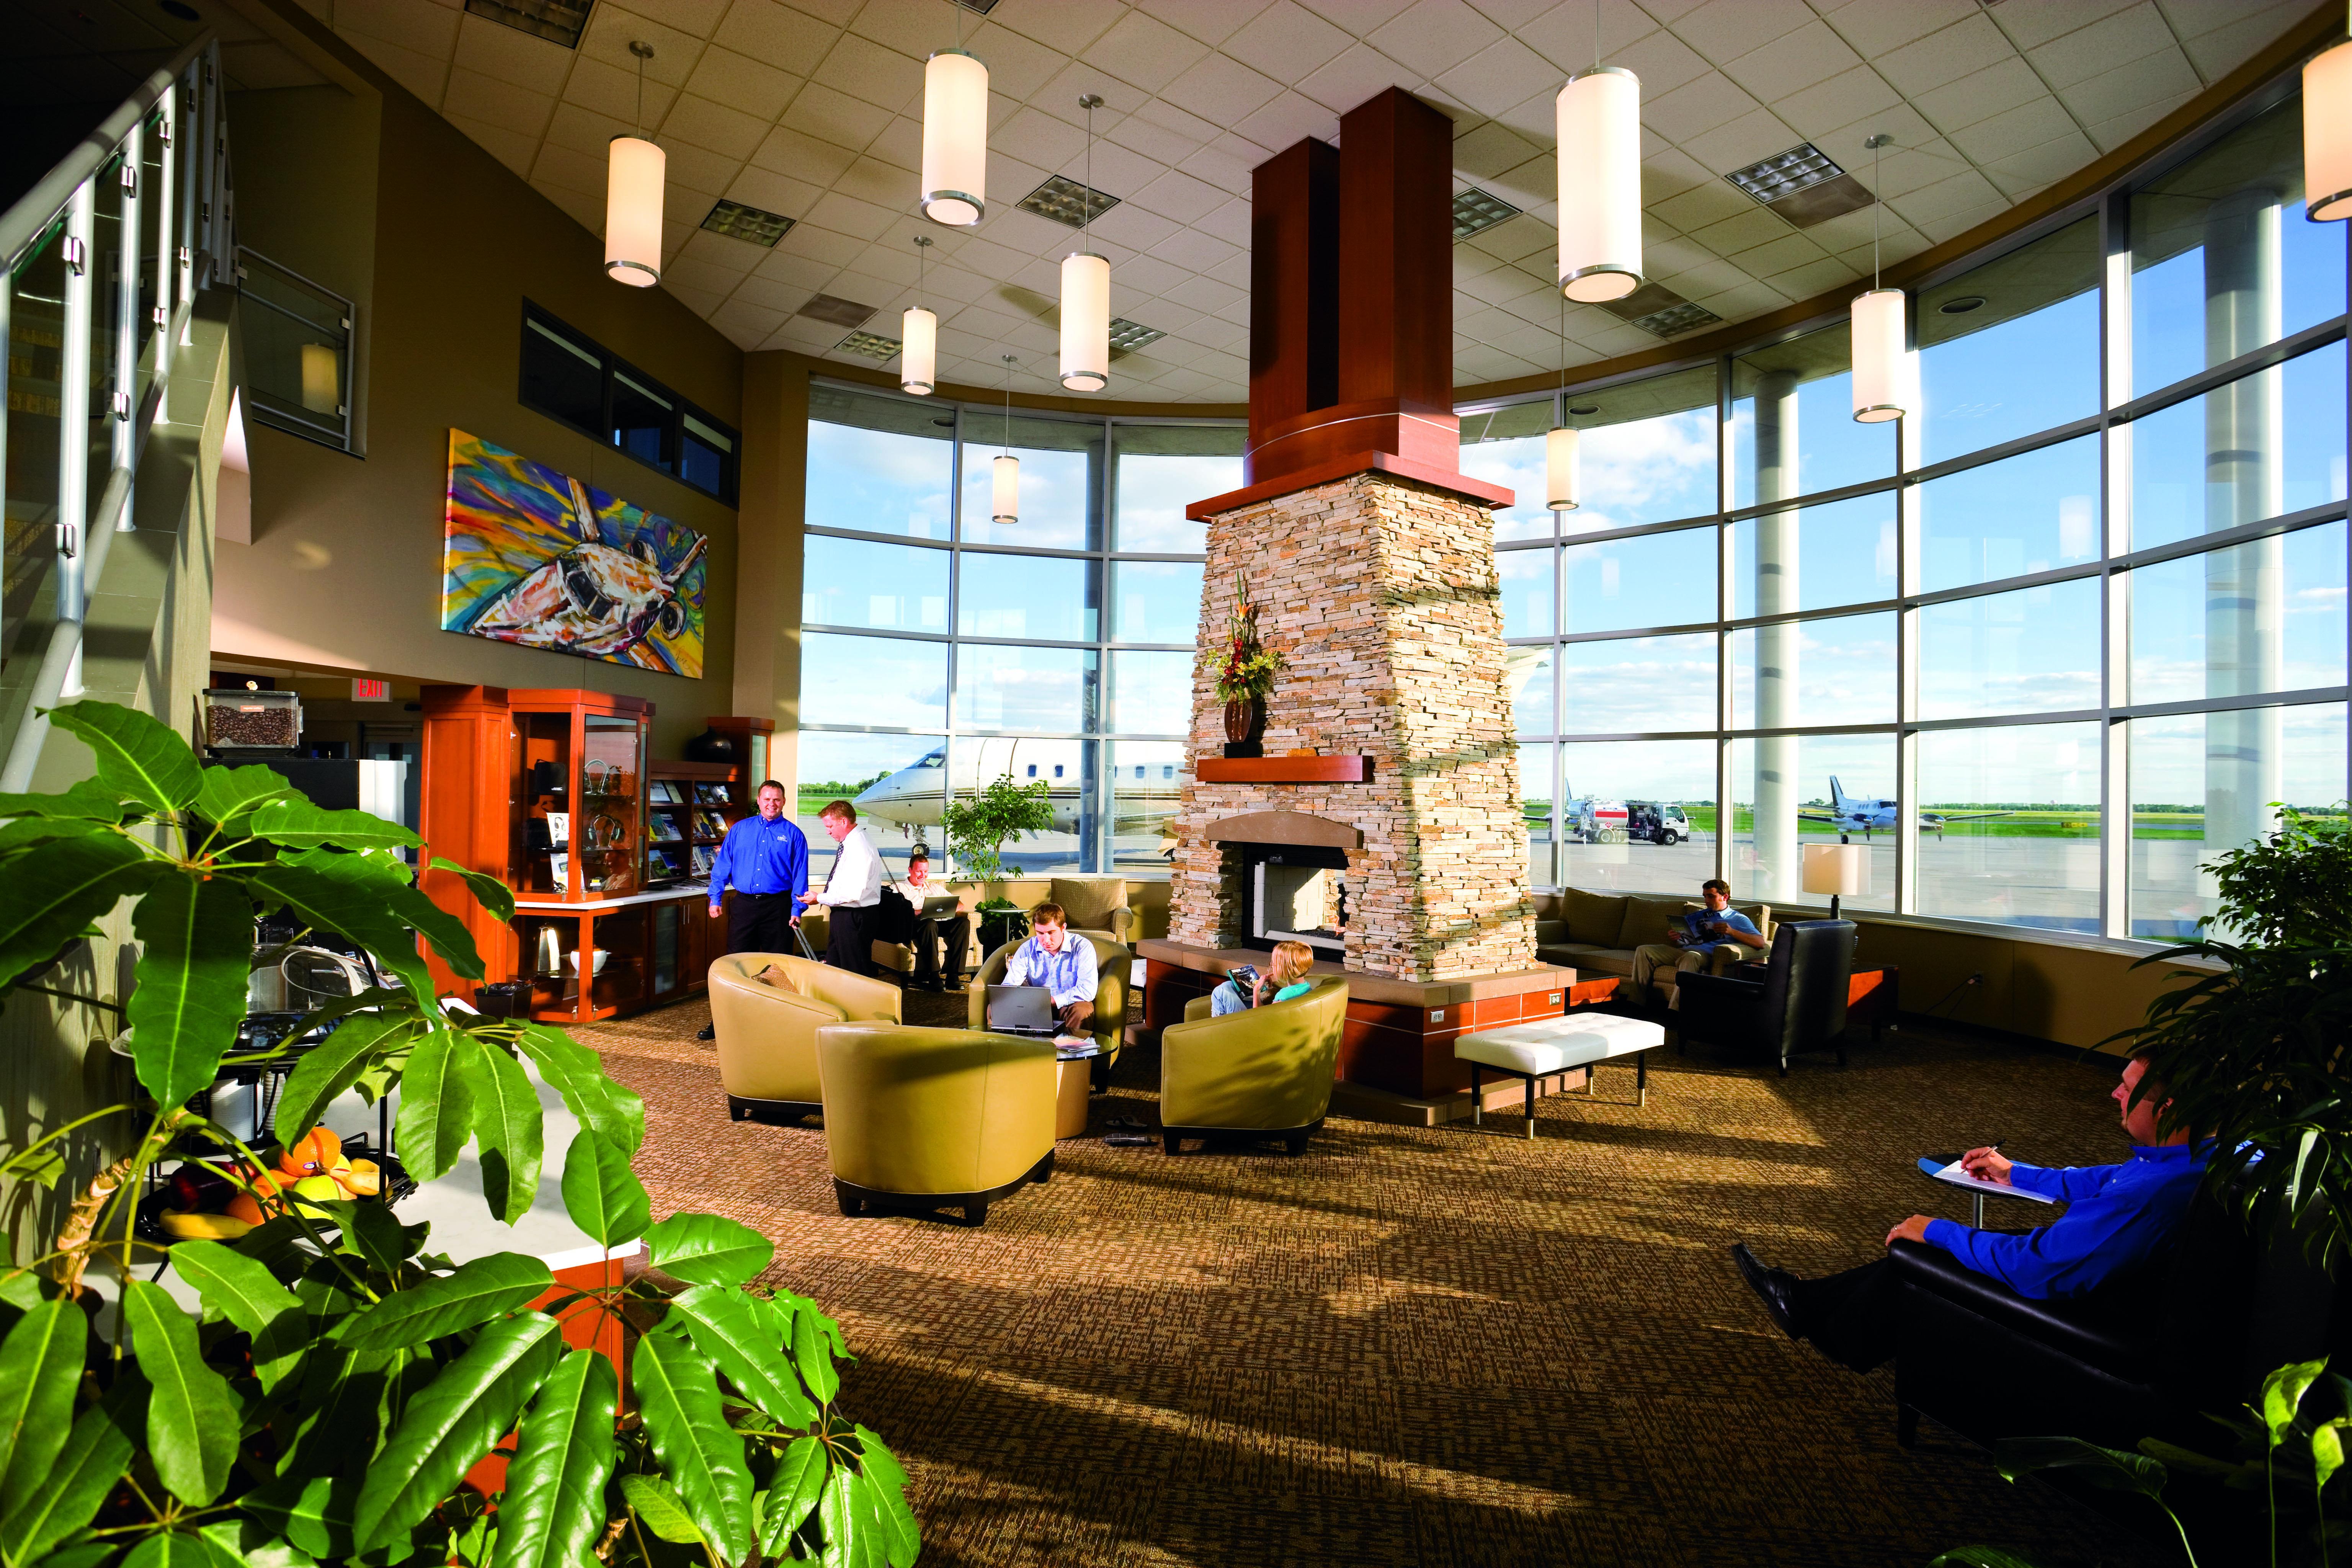 fargo-jet-center-lobby